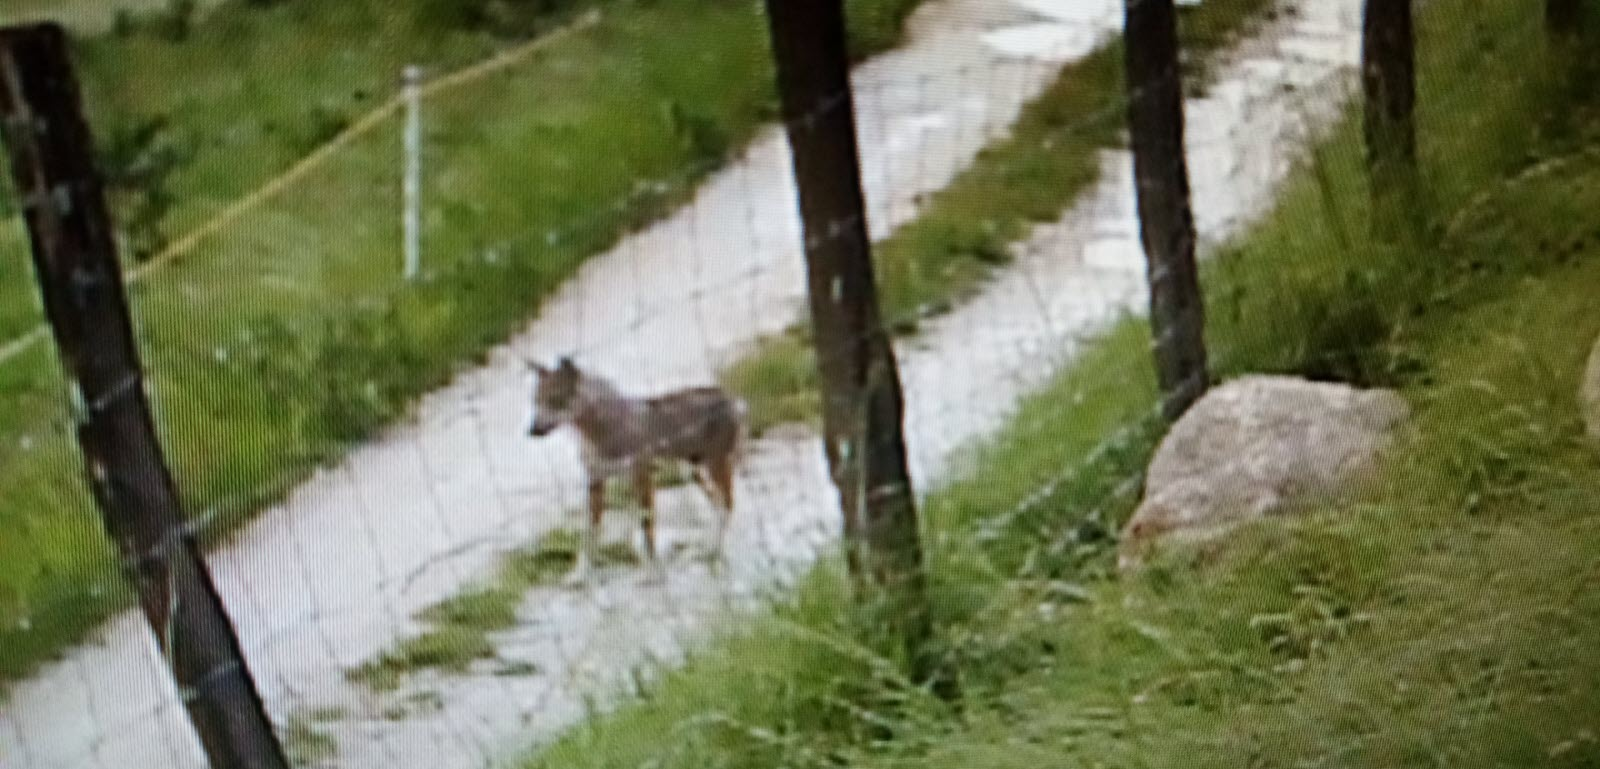 Faits-divers – Justice | Saint-Gervais : elle photographie le loup qui vient d'attaquer son troupeau